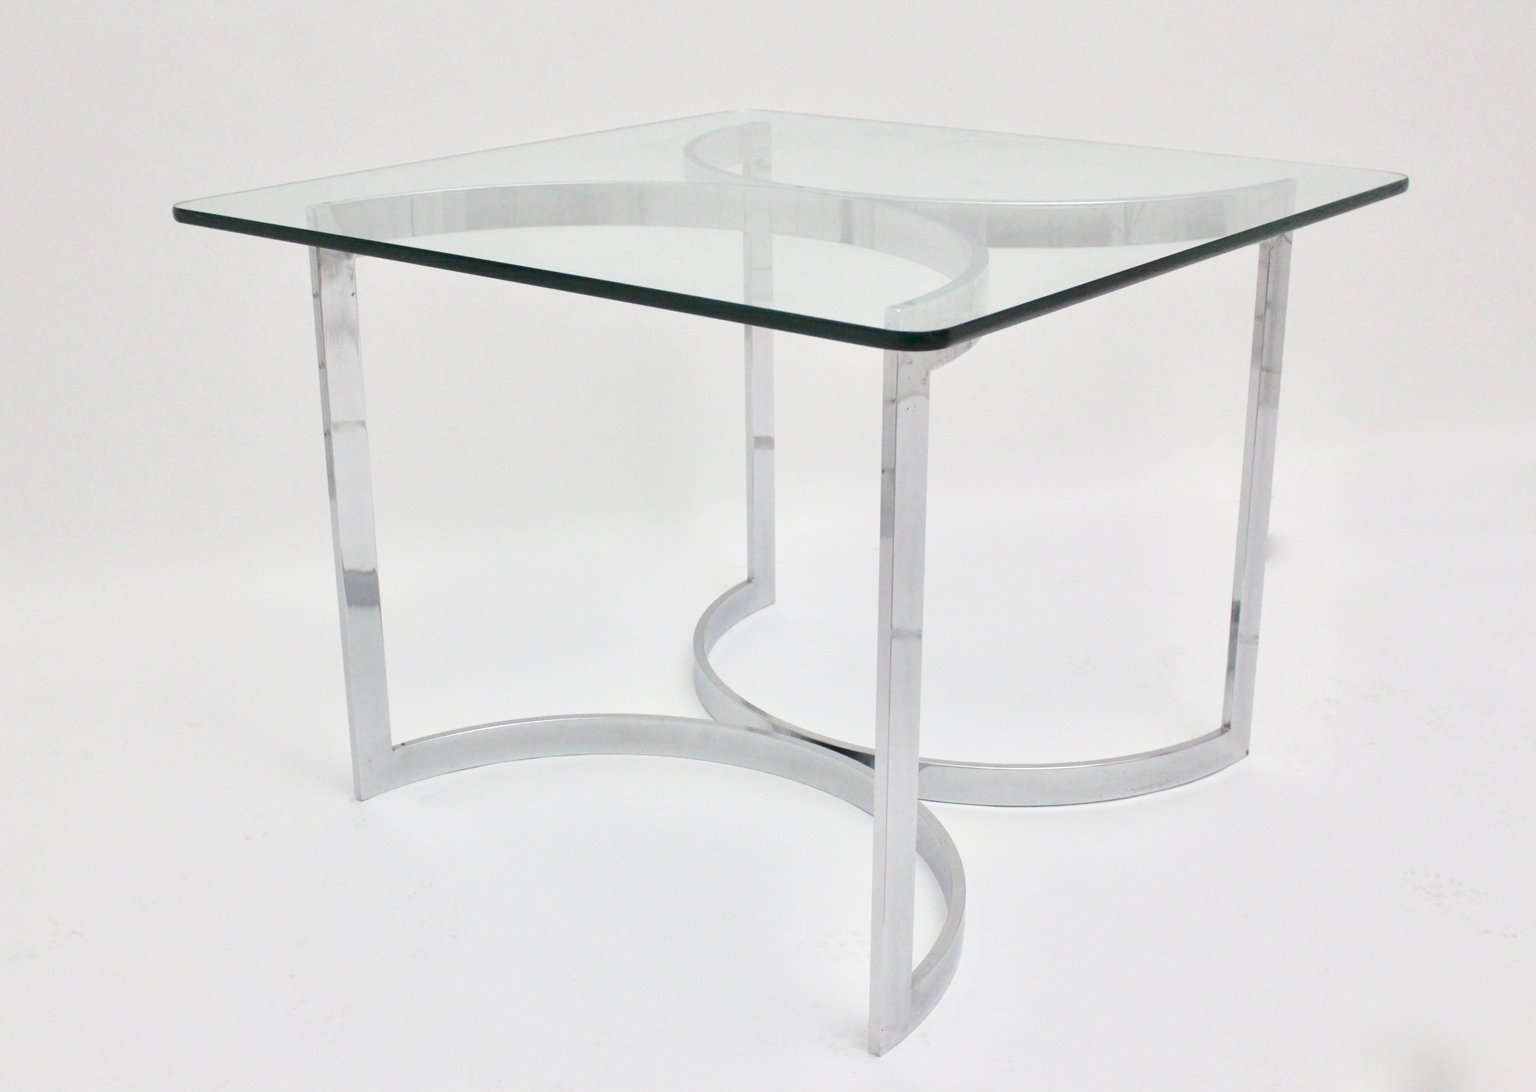 esstisch aus chrom und glas von merrow associates 1970er bei pamono kaufen. Black Bedroom Furniture Sets. Home Design Ideas